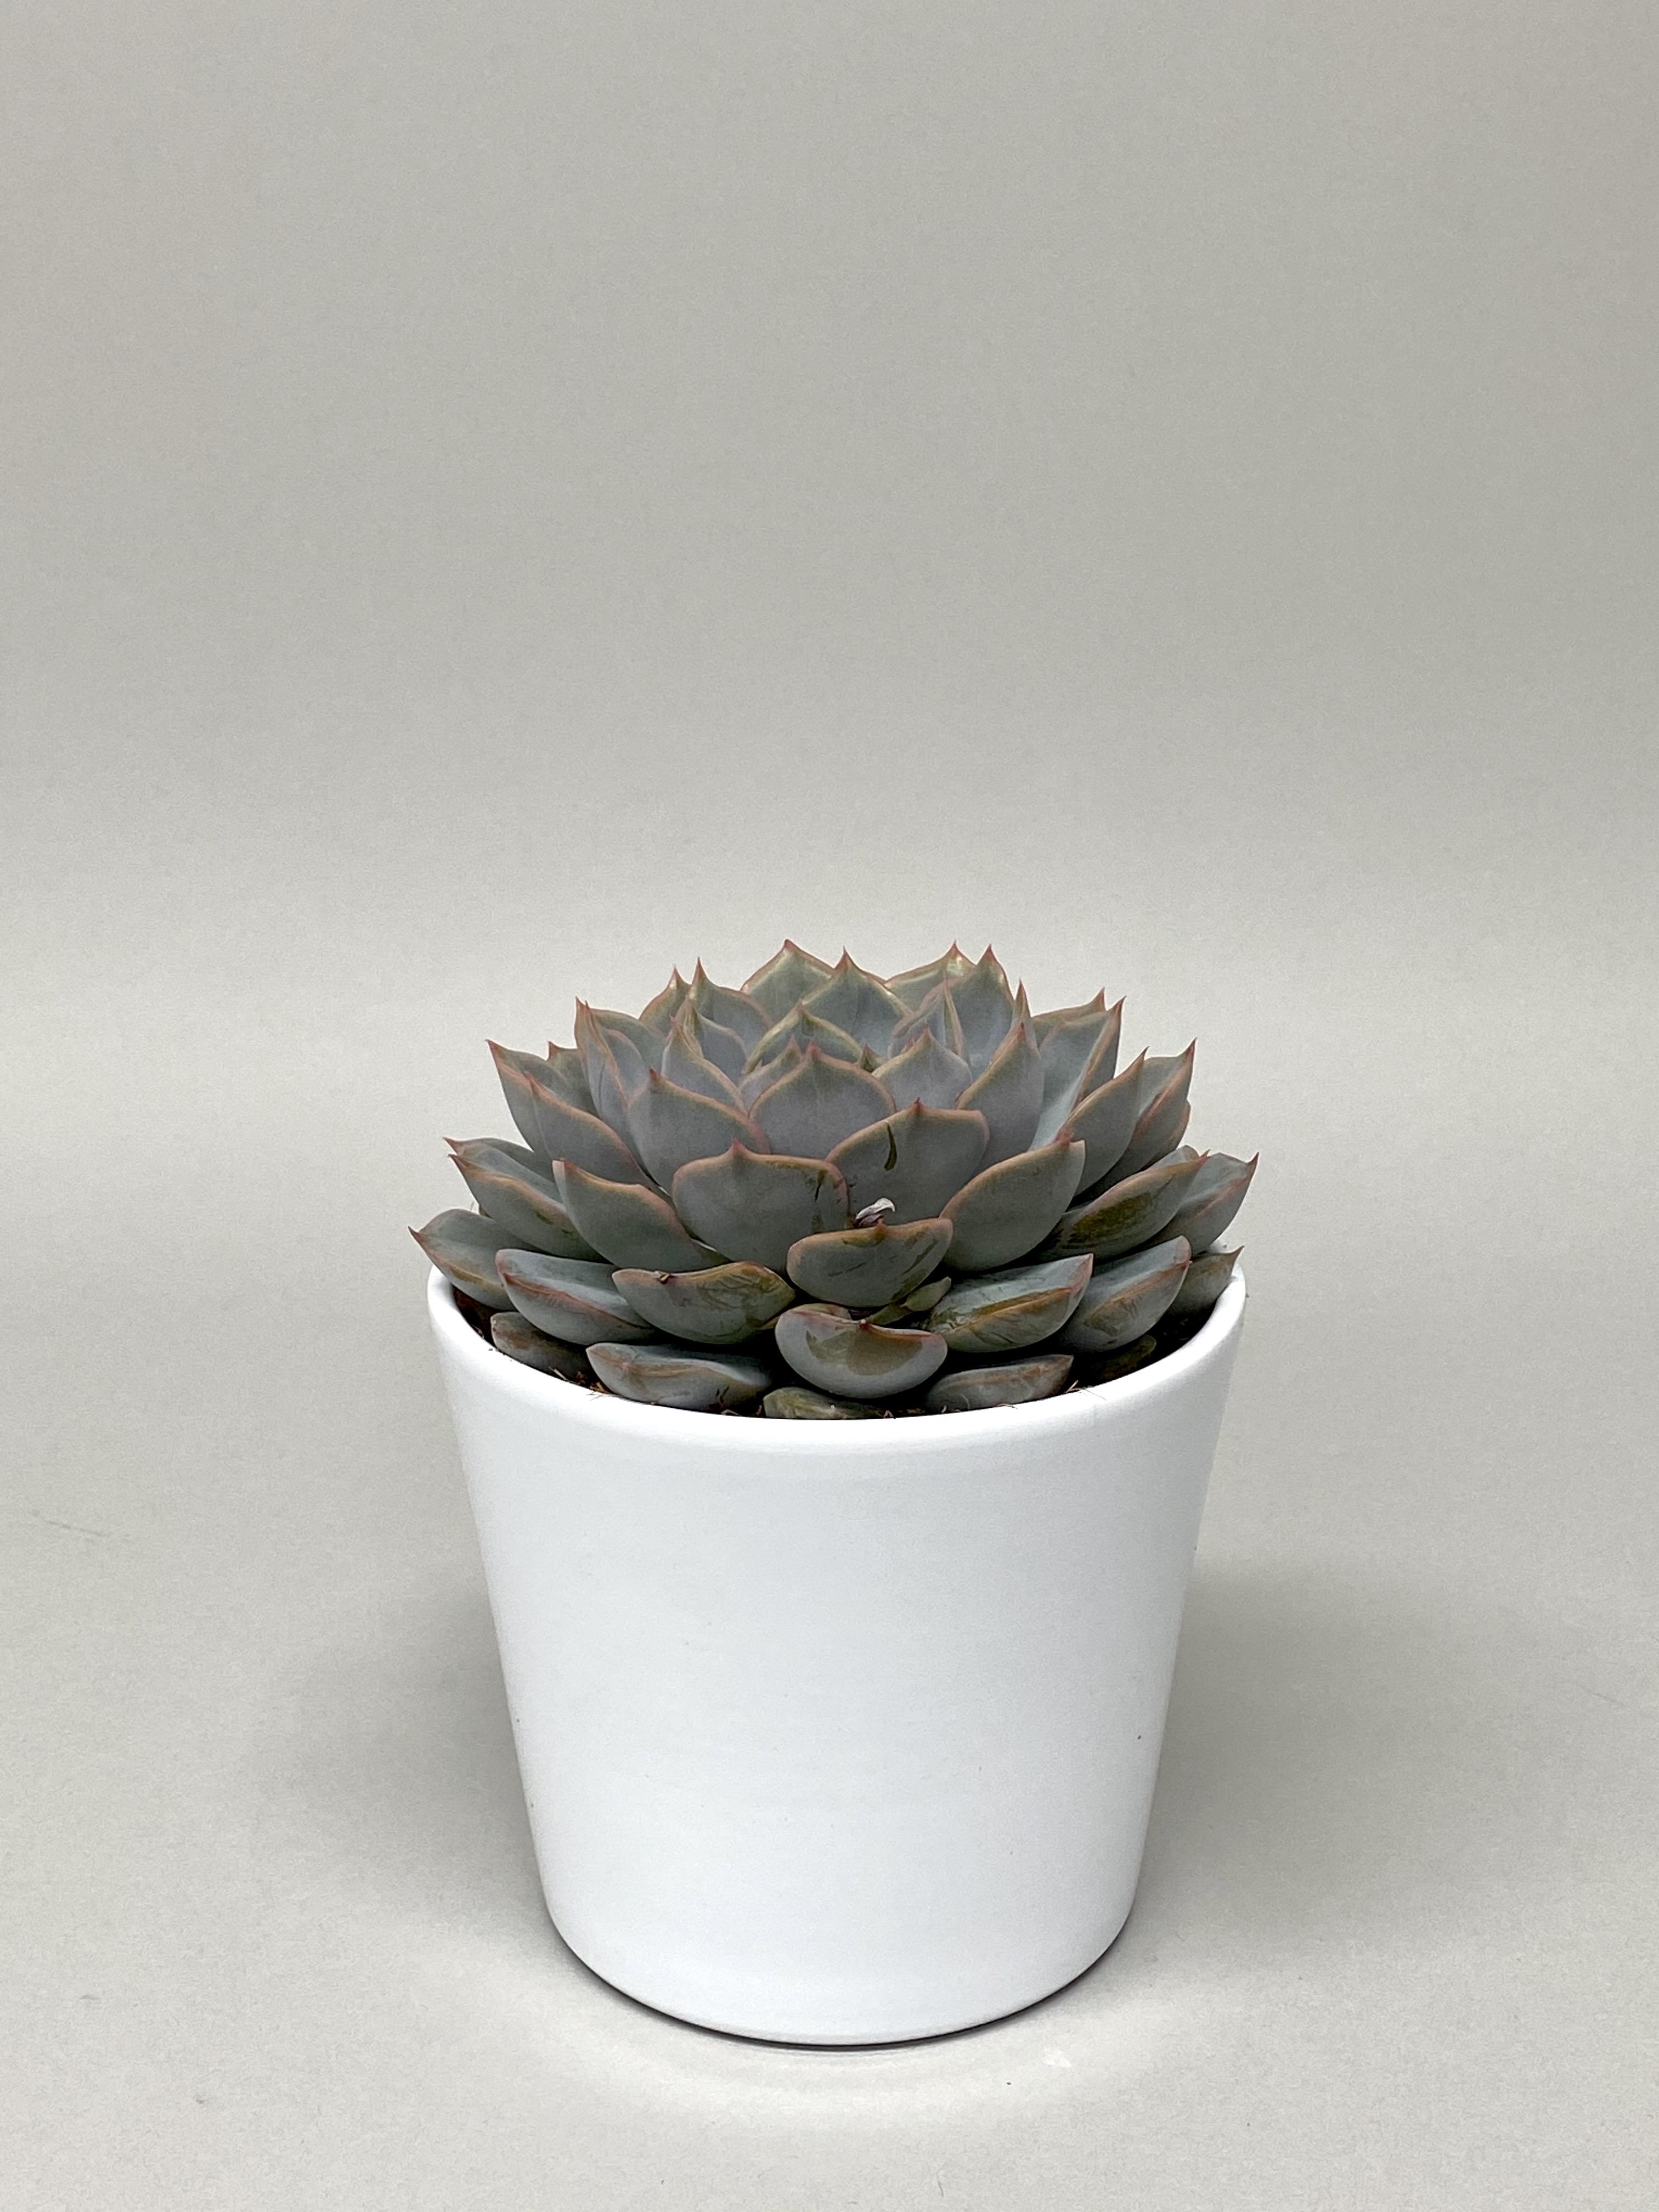 12cm Diameter Succulent Mix